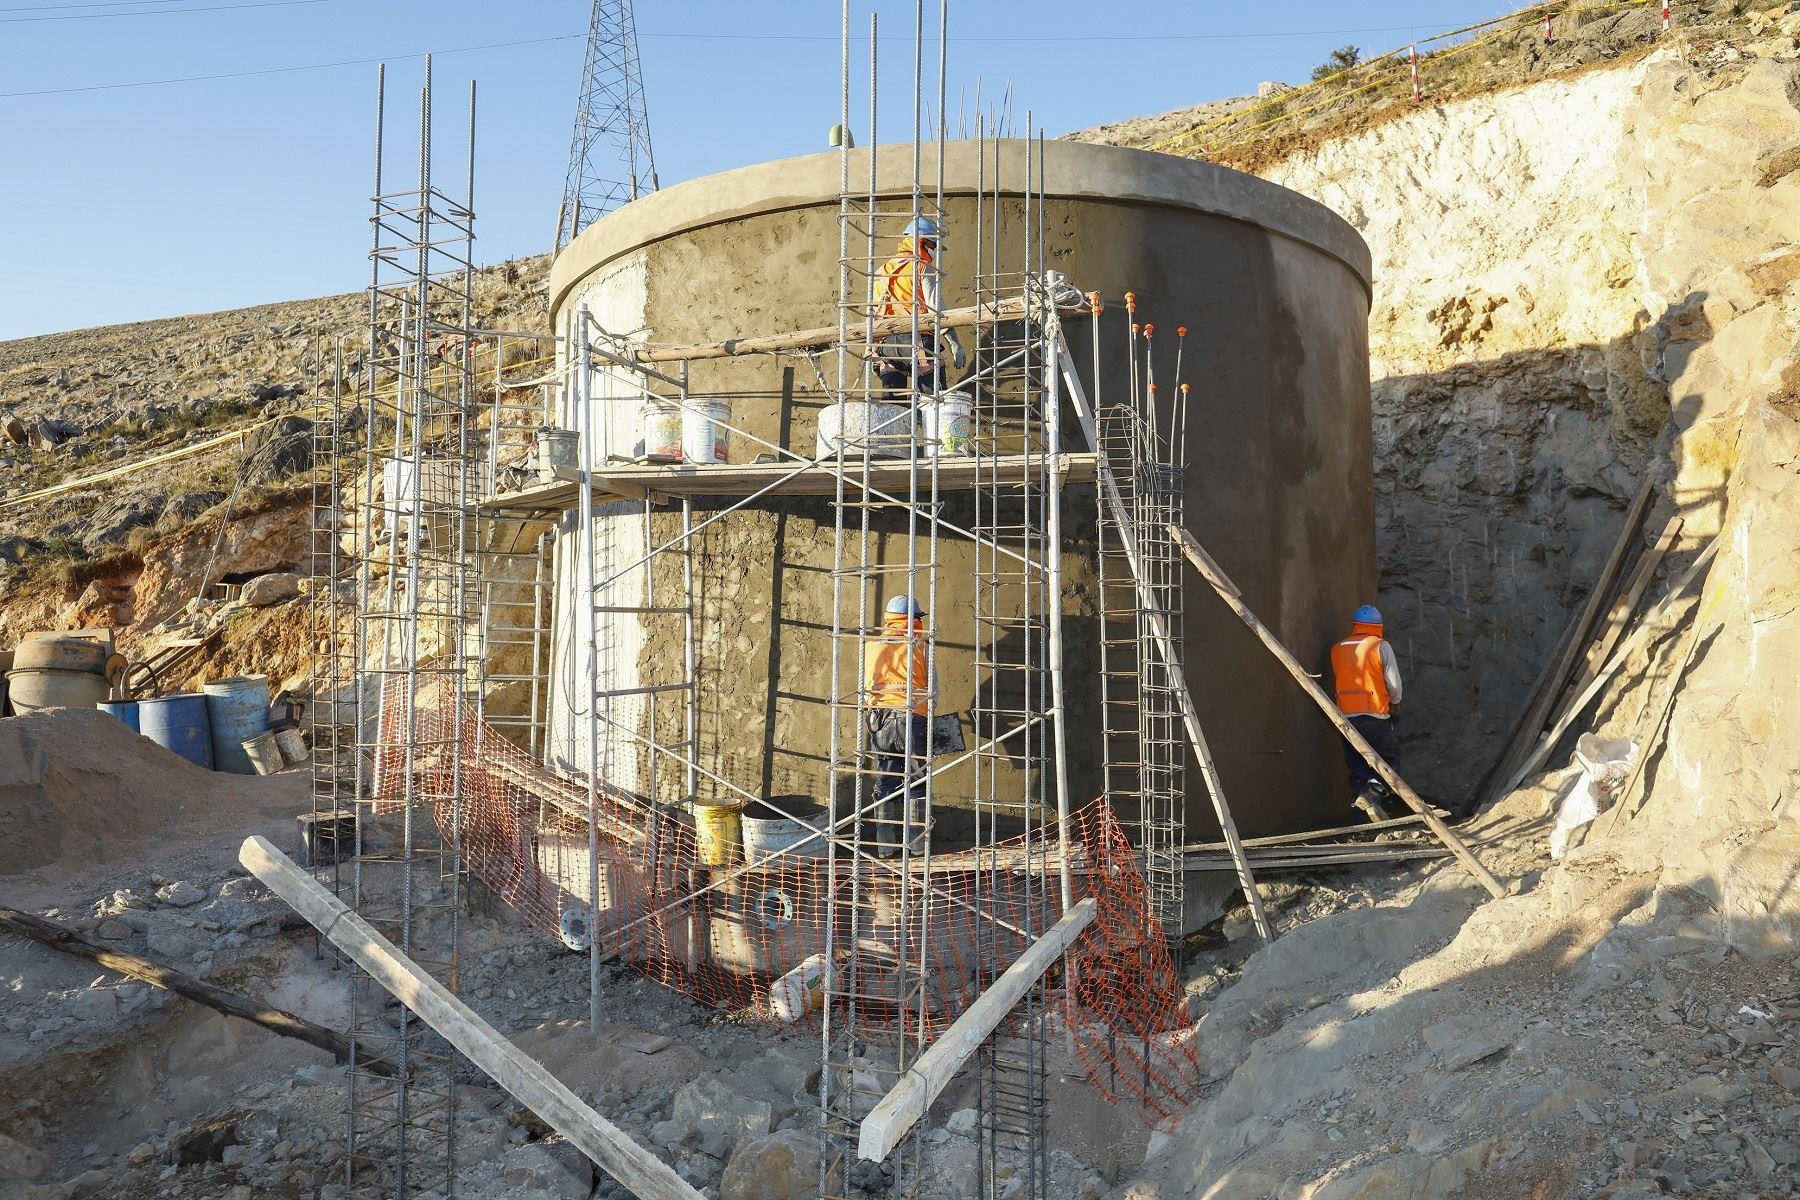 Ministerio de Vivienda destrabó más de 680 proyectos durante Gobierno de transición